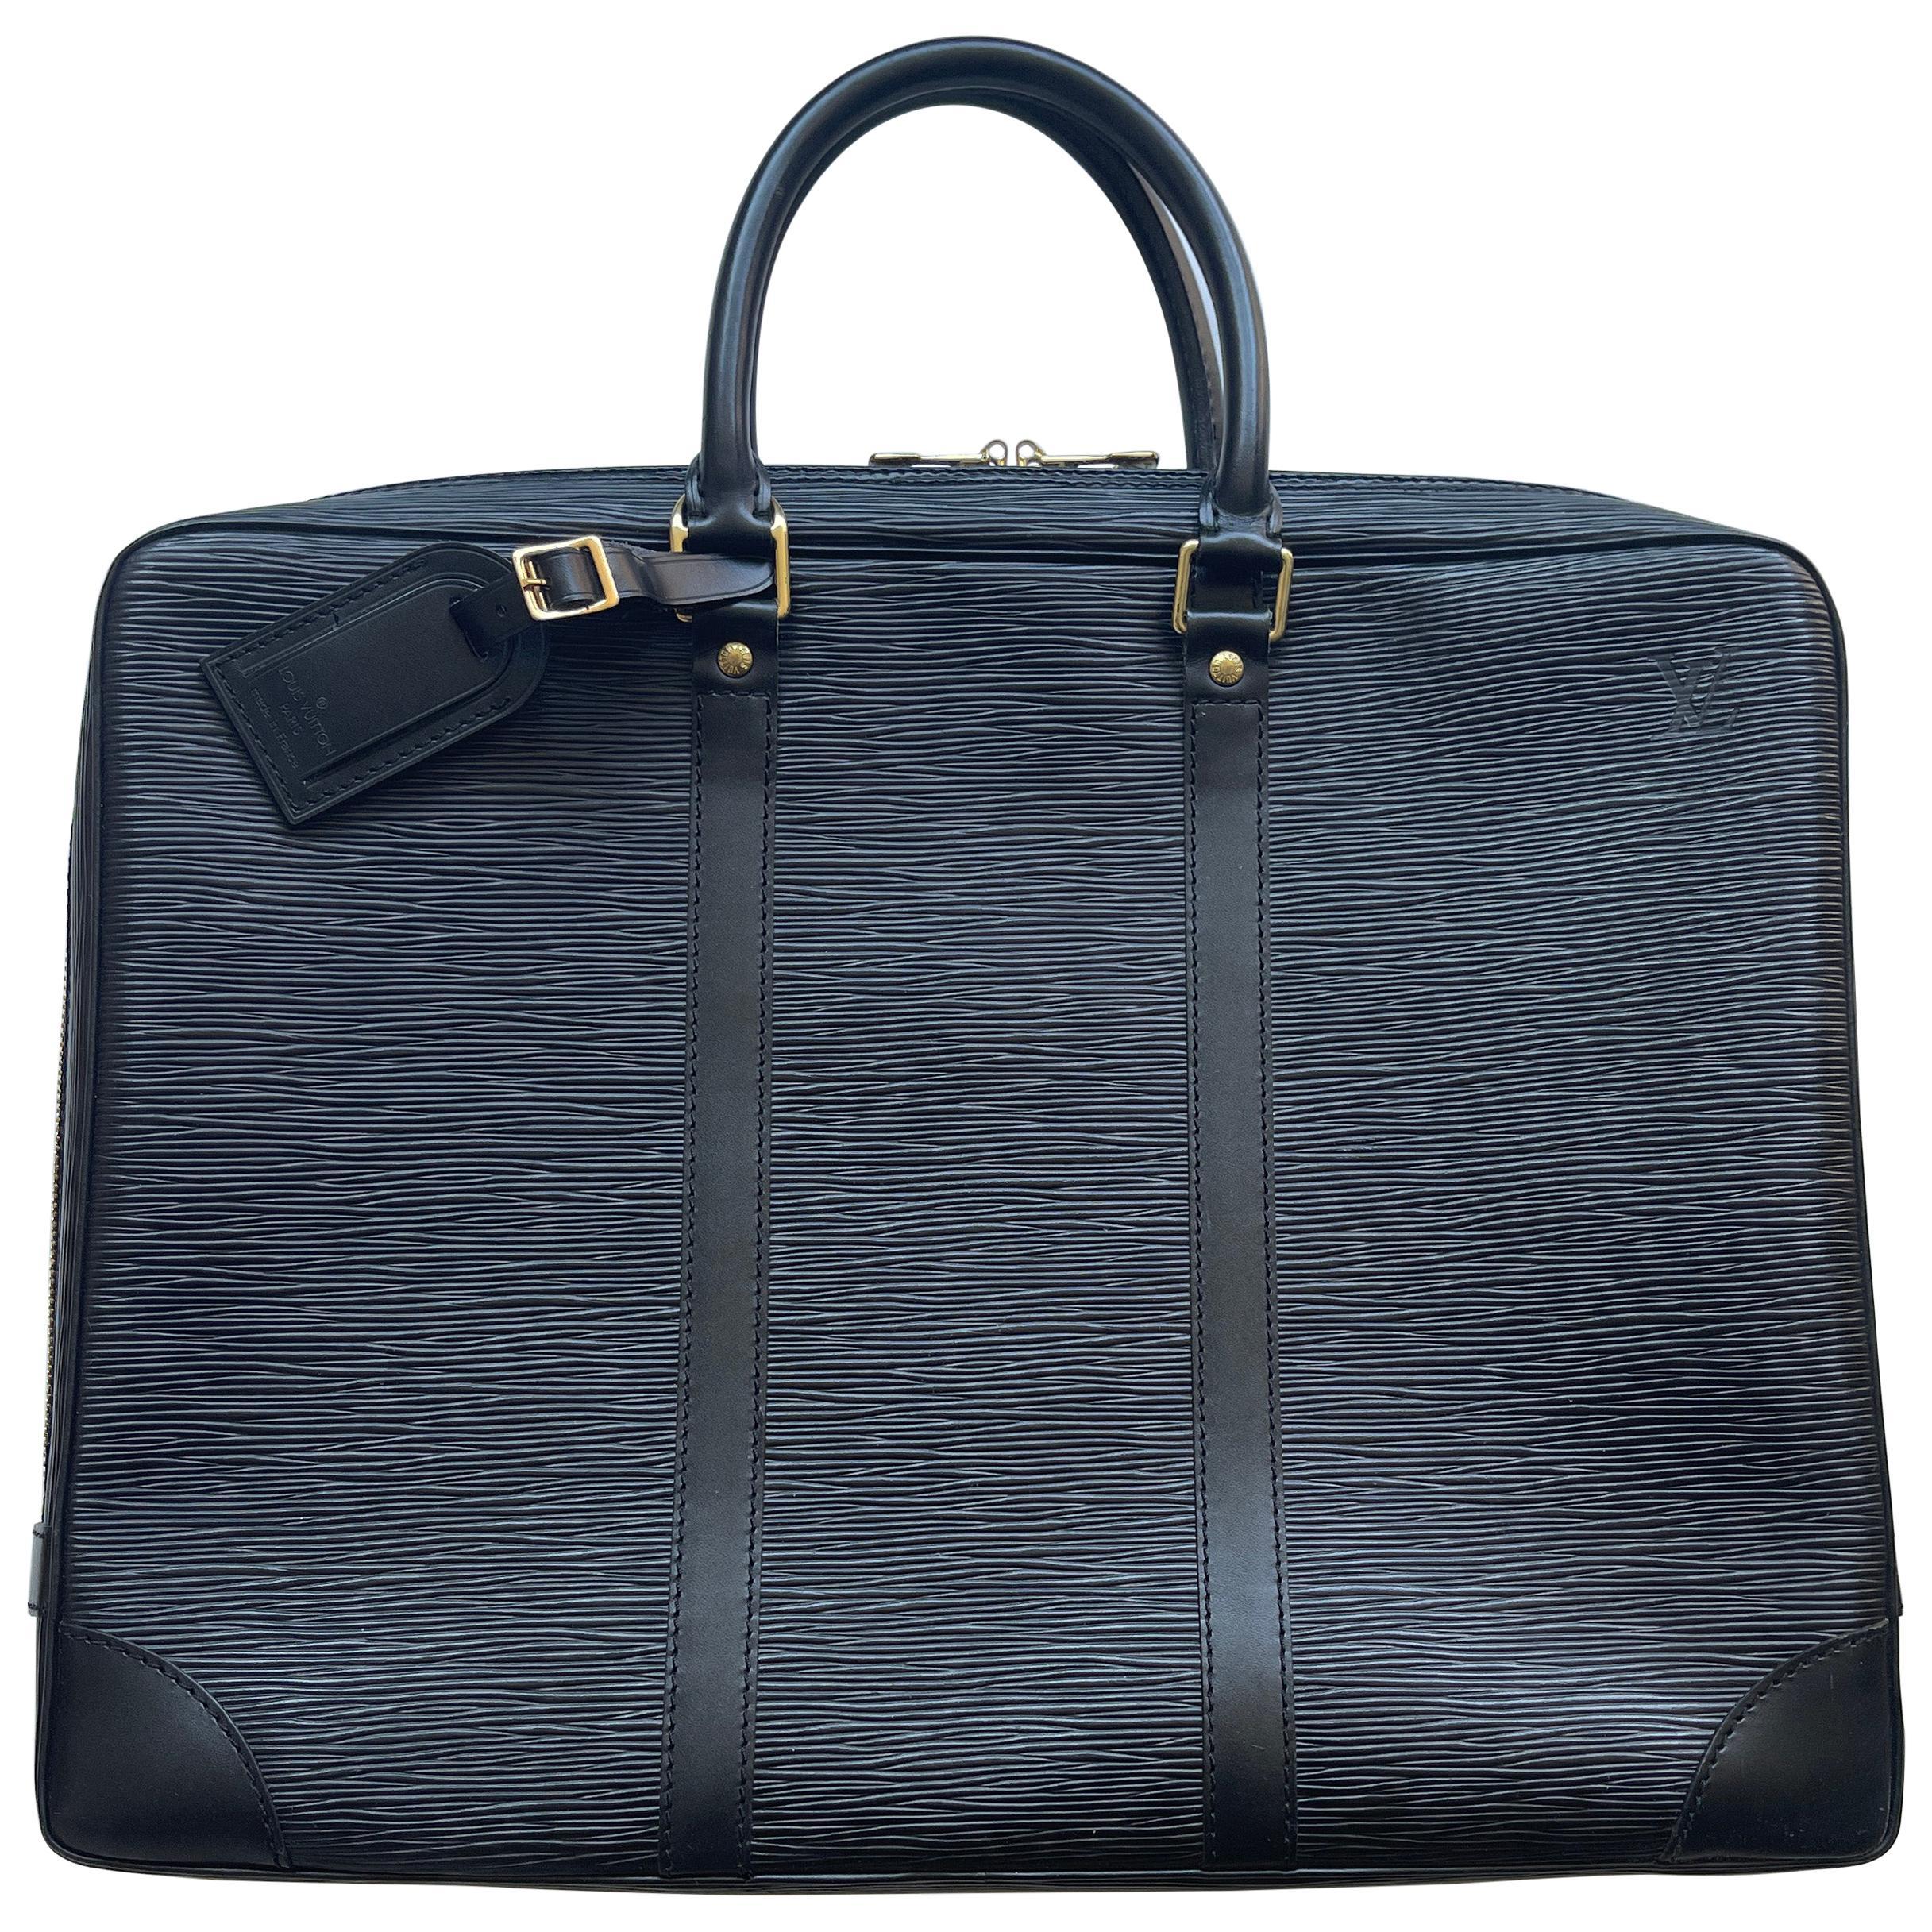 Louis Vuitton Black Epi Leather Porte-Documents Voyage Briefcase Bag rt. $2,910